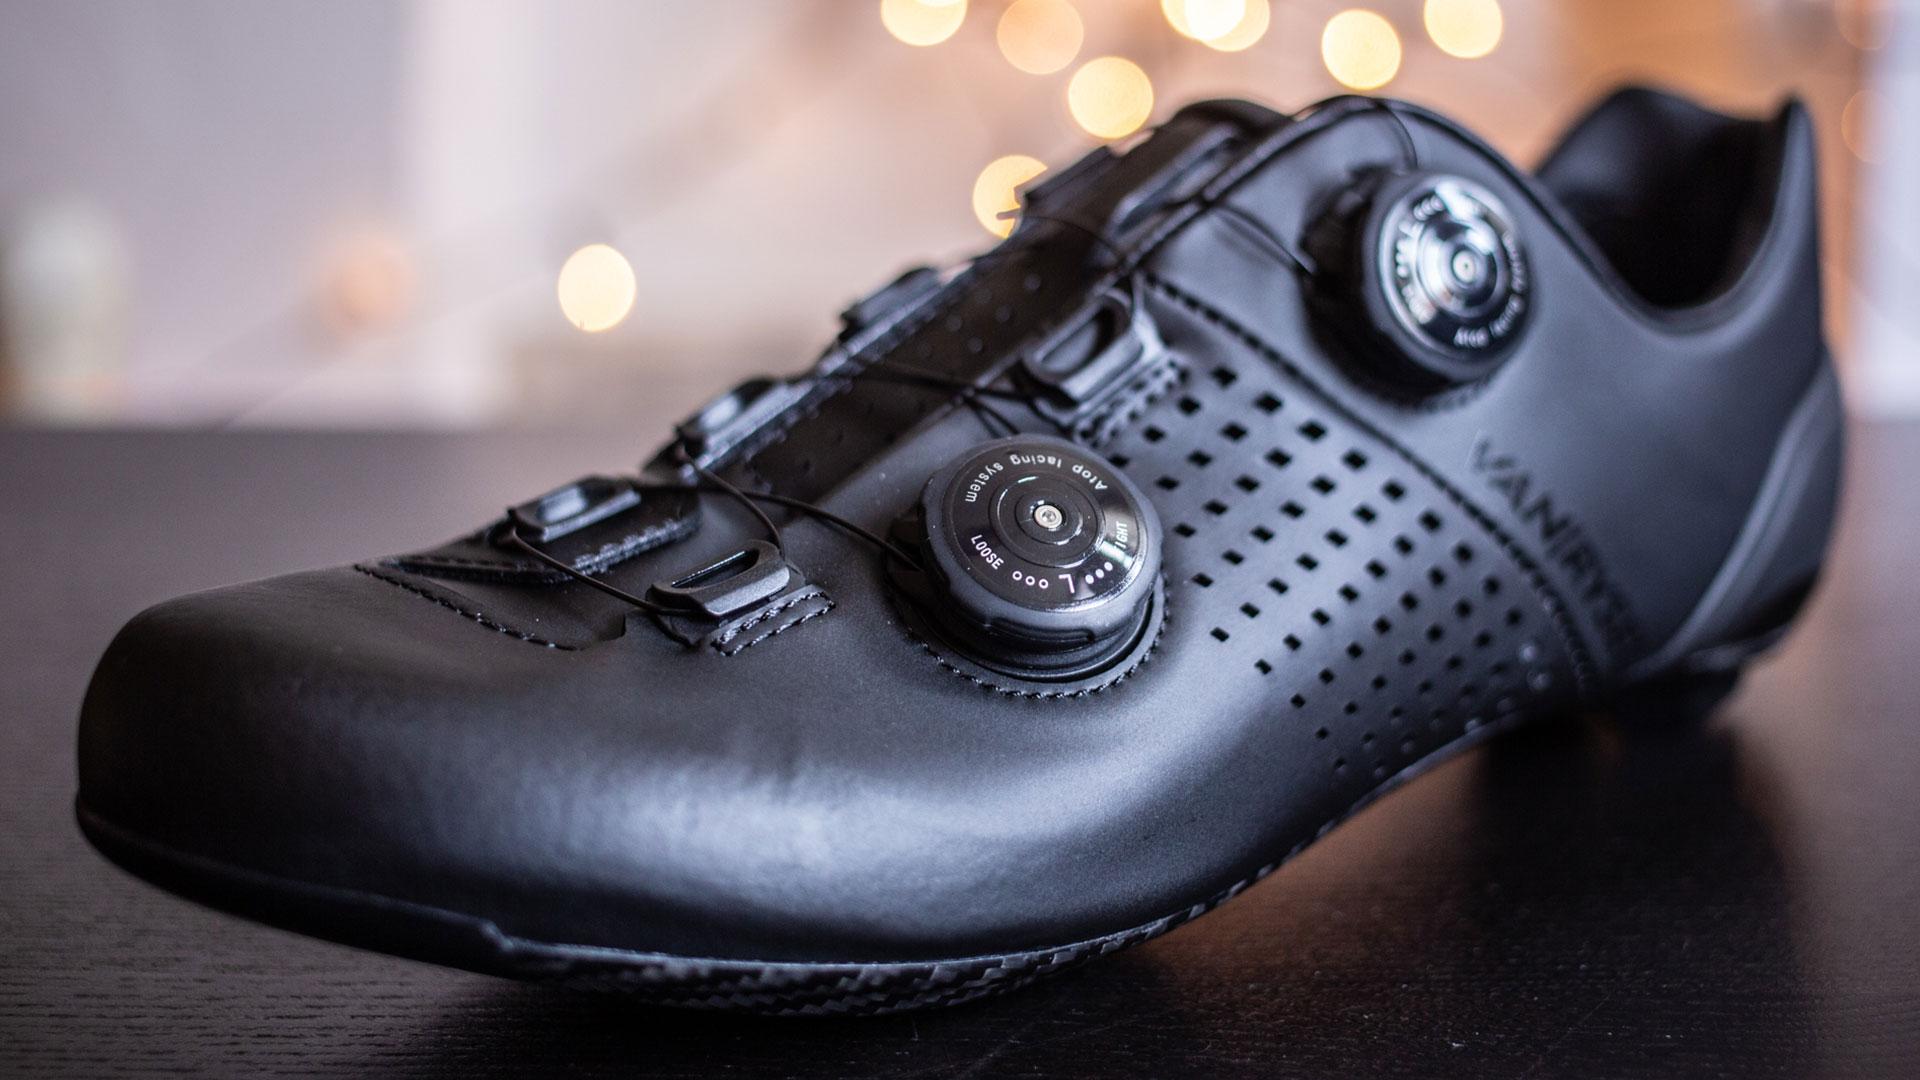 Van Rysel RR900 wielerschoenen review: de eerste indruk